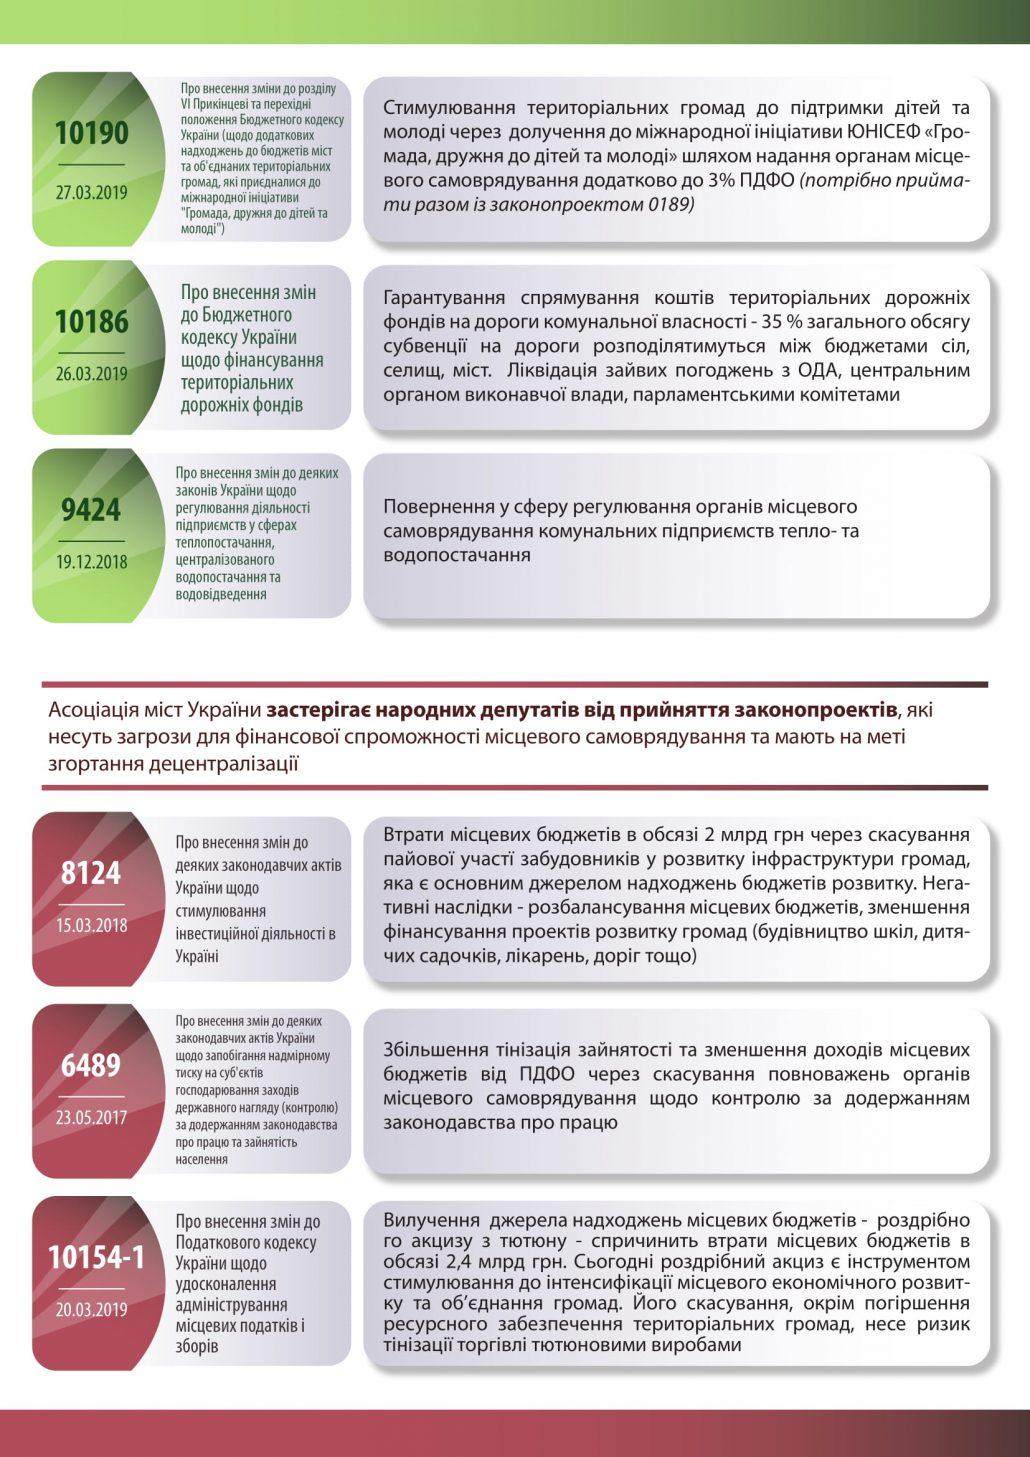 Без Купюр Нардепів від Кіровоградщини закликають підтримати децентралізаційні закони Децентралізація  Кропивницький Кіровоградщина